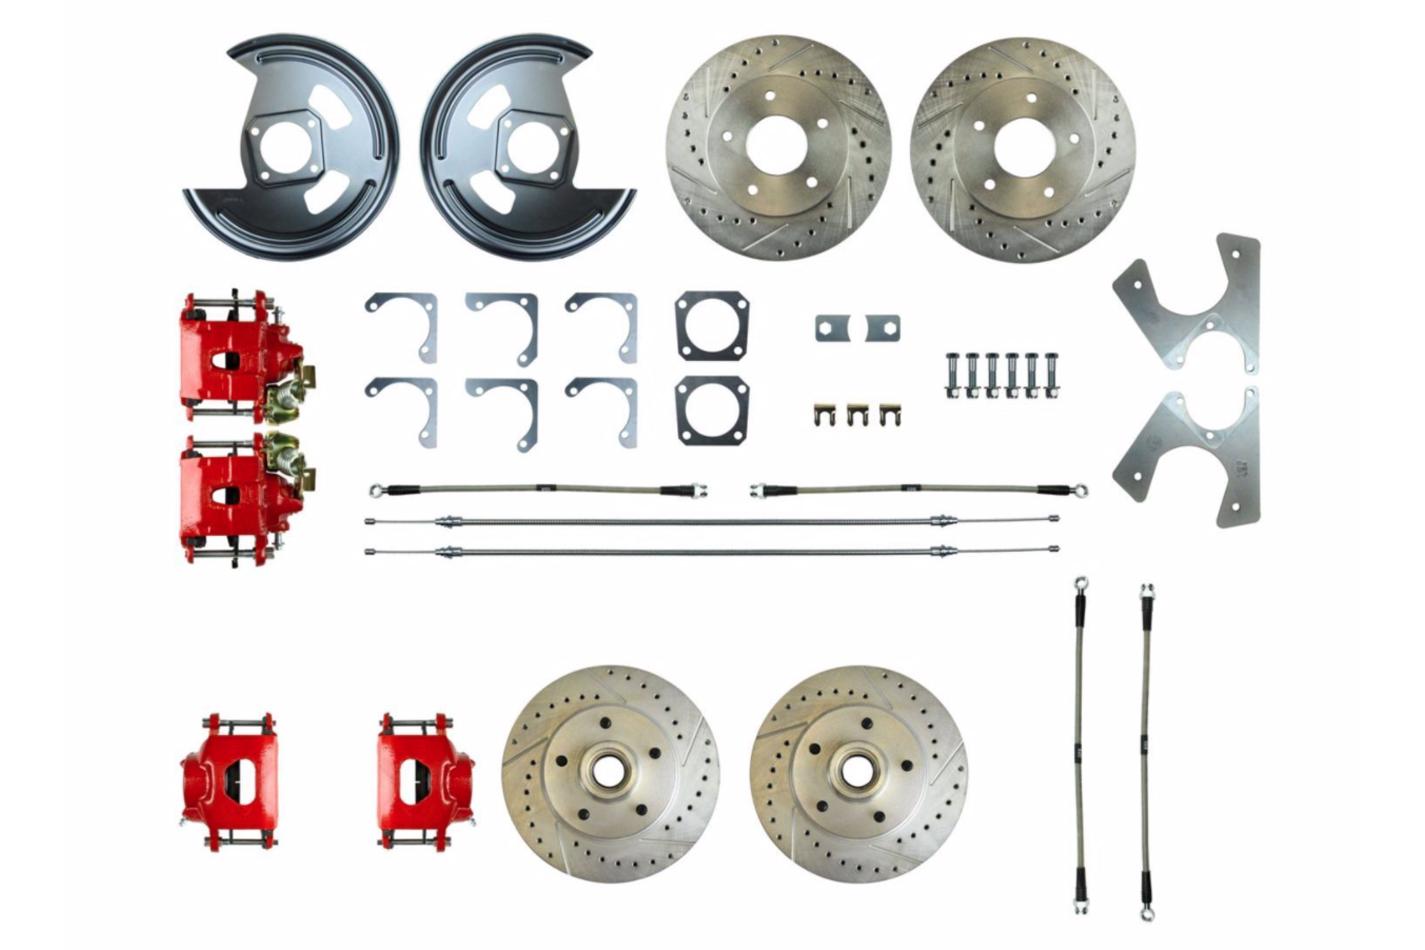 Rear Disc Brake Conversi on Kit